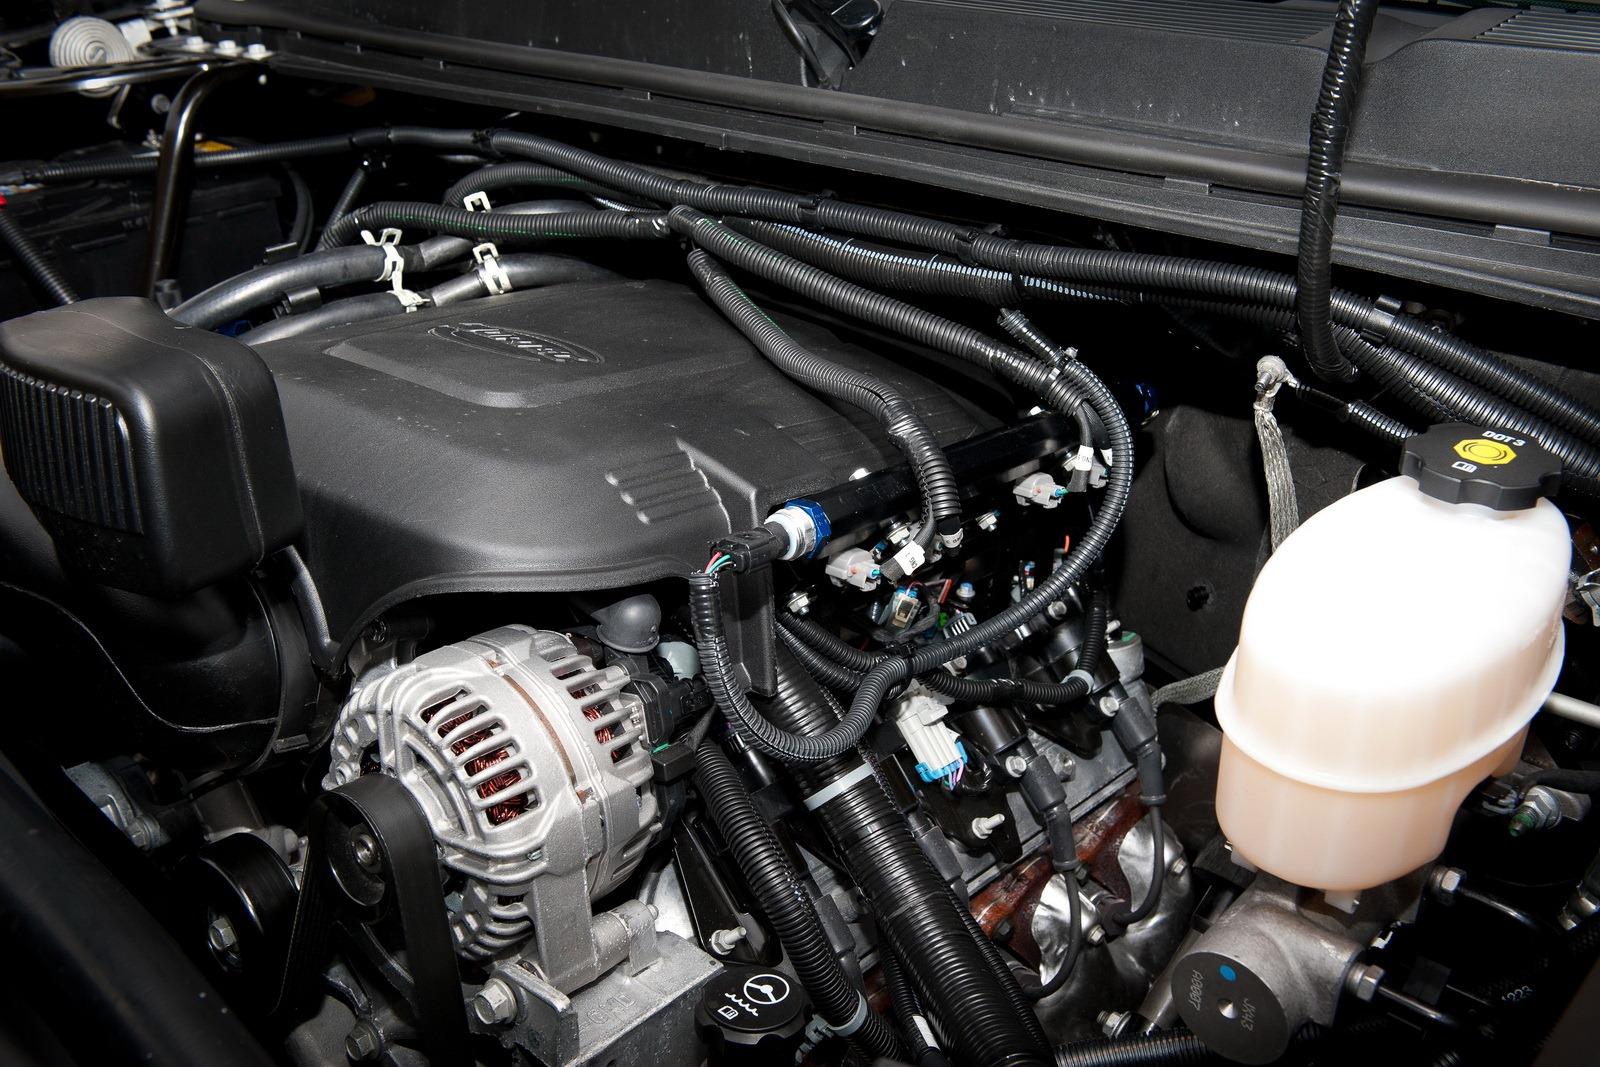 2013 Gmc Sierra Engine Specs